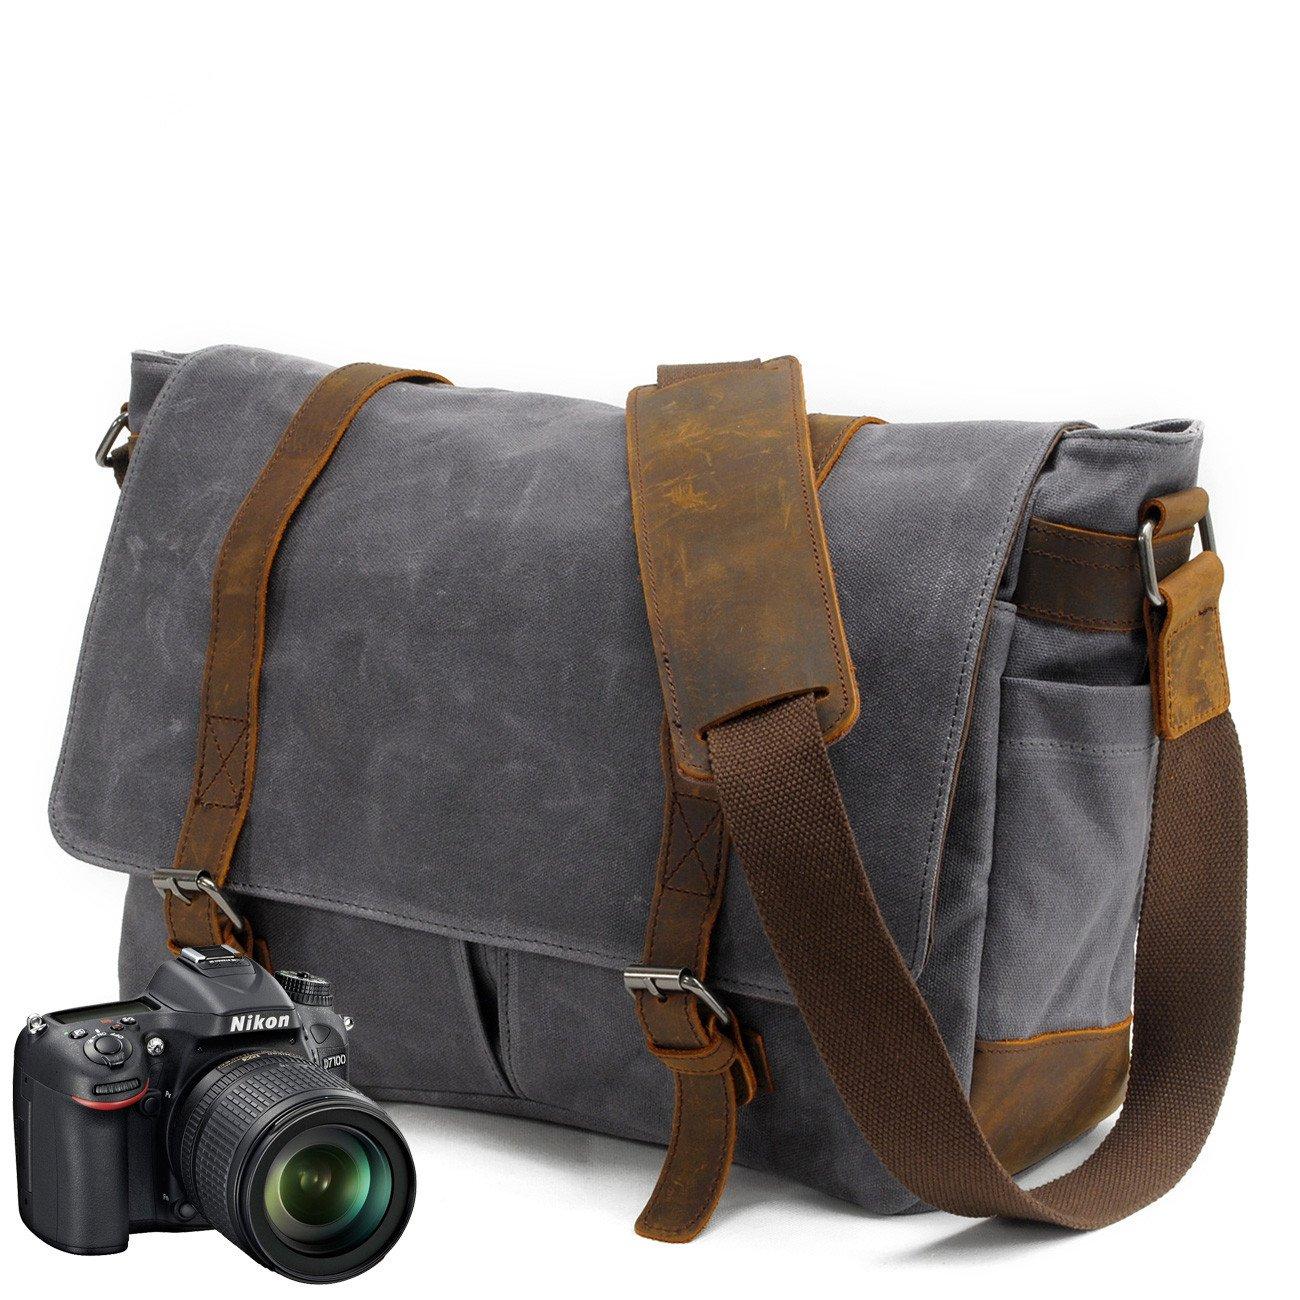 Y-DOUBLE Borsa di tela impermeabile a tracolla grande per fotocamera e accessori for Sony Nikon Olympus Canon EOS di YANGYANJING